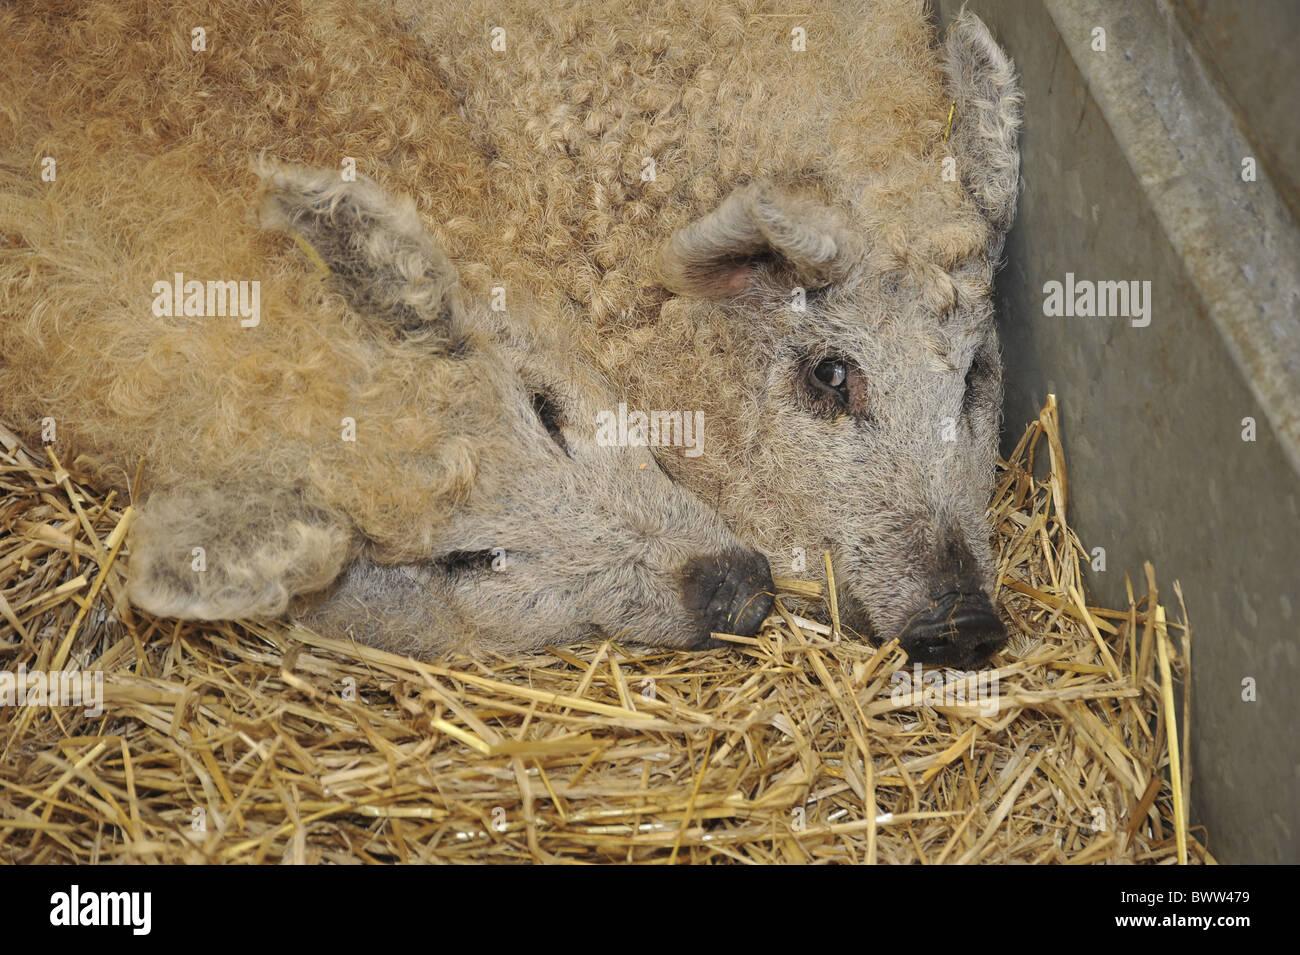 Smithfield pigs Mangalitza Show pig pigs domestic domesticated farm farms farming omnivore omnivores mammal mammals - Stock Image